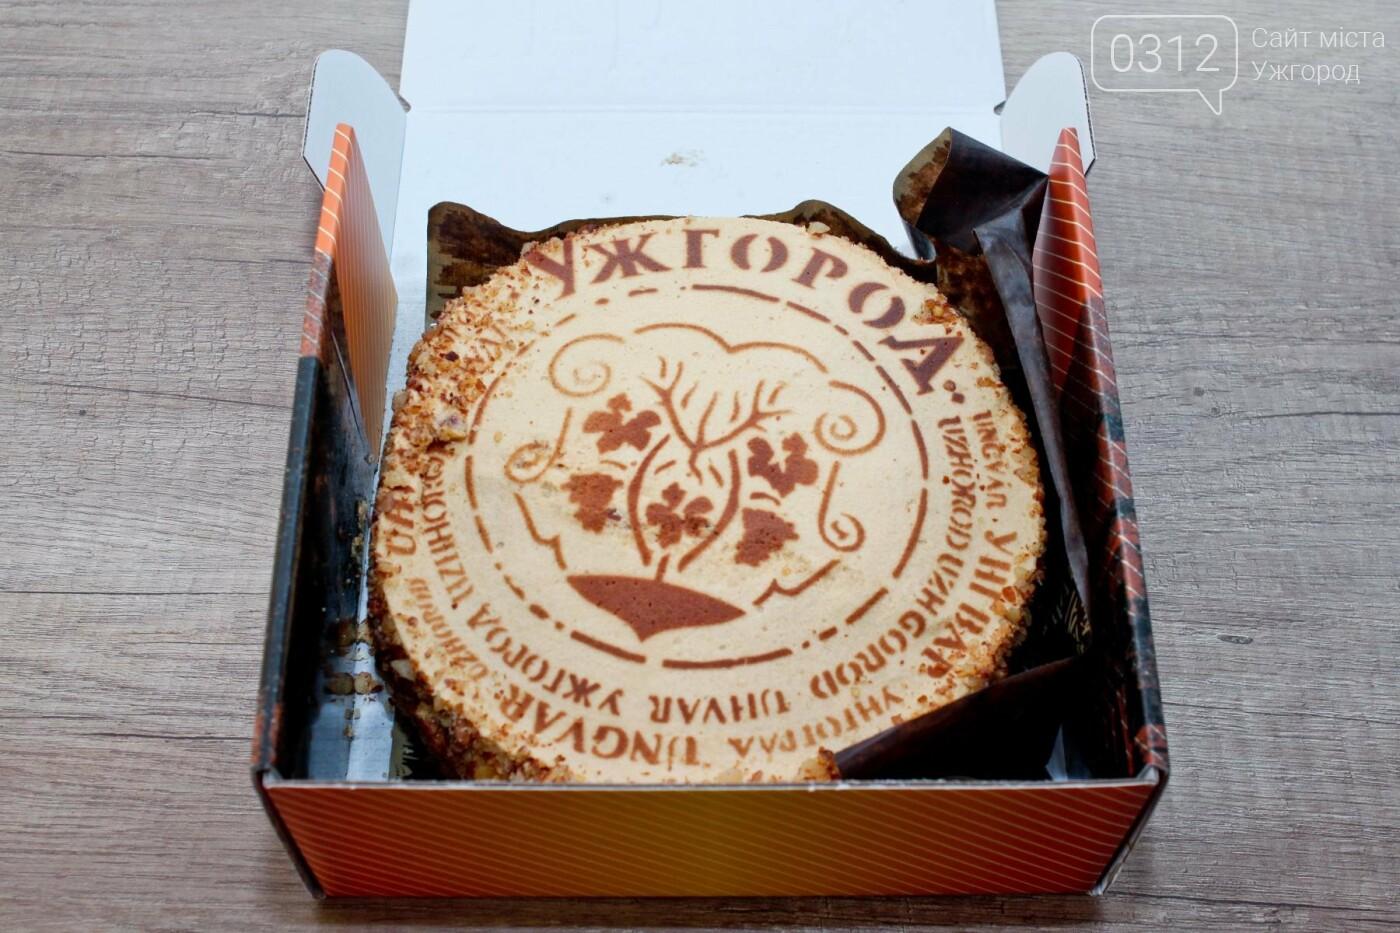 «Новий» торт «Ужгород»: подробиці від Штефаньо і тест-драйв продукту (ФОТОРЕПОРТАЖ), фото-10